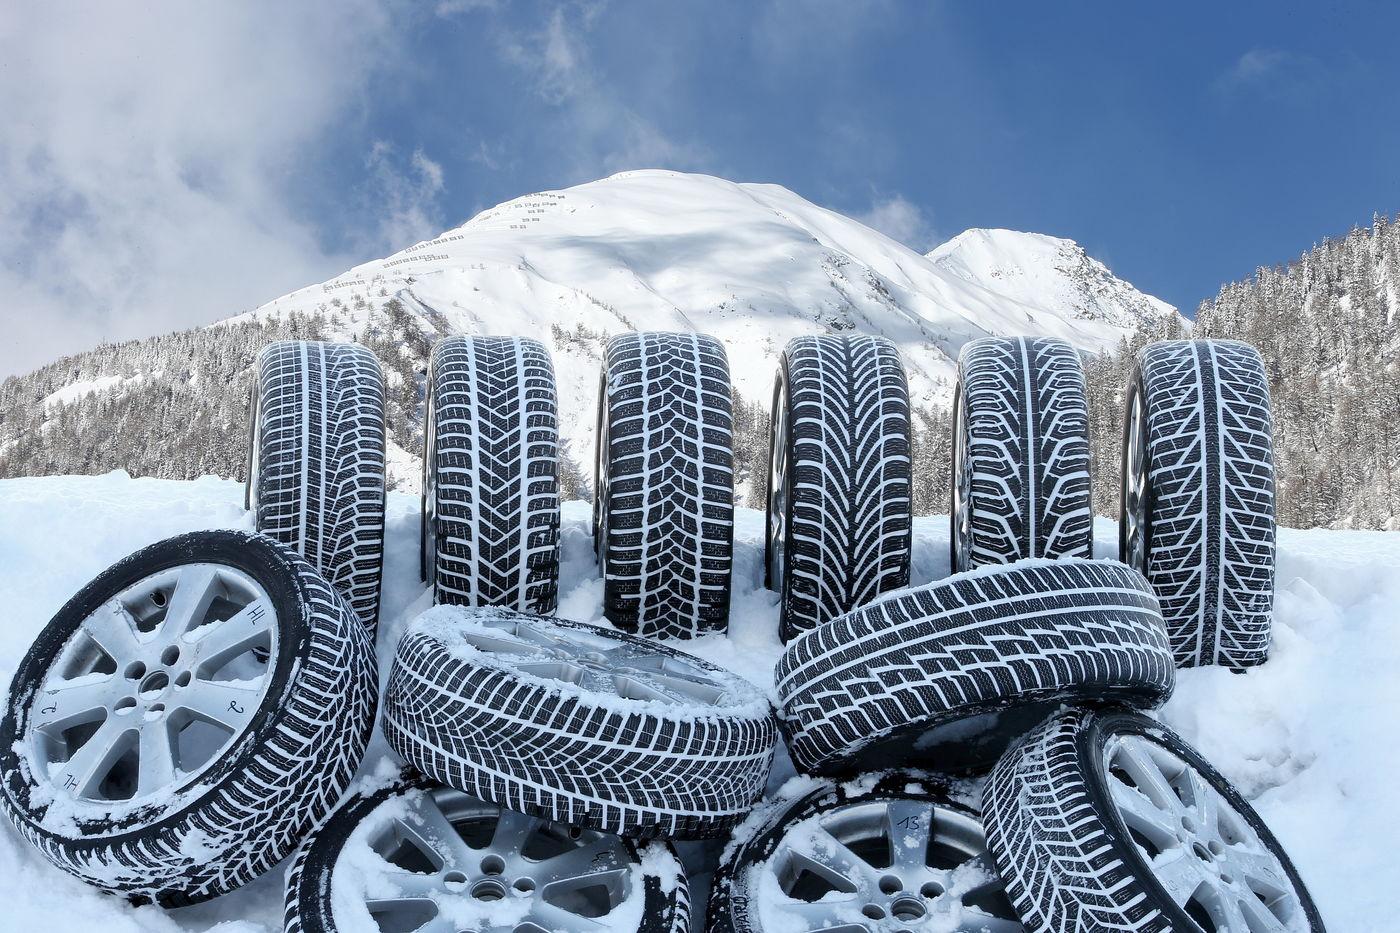 Les pneus étroits sont plus efficaces sur la neige